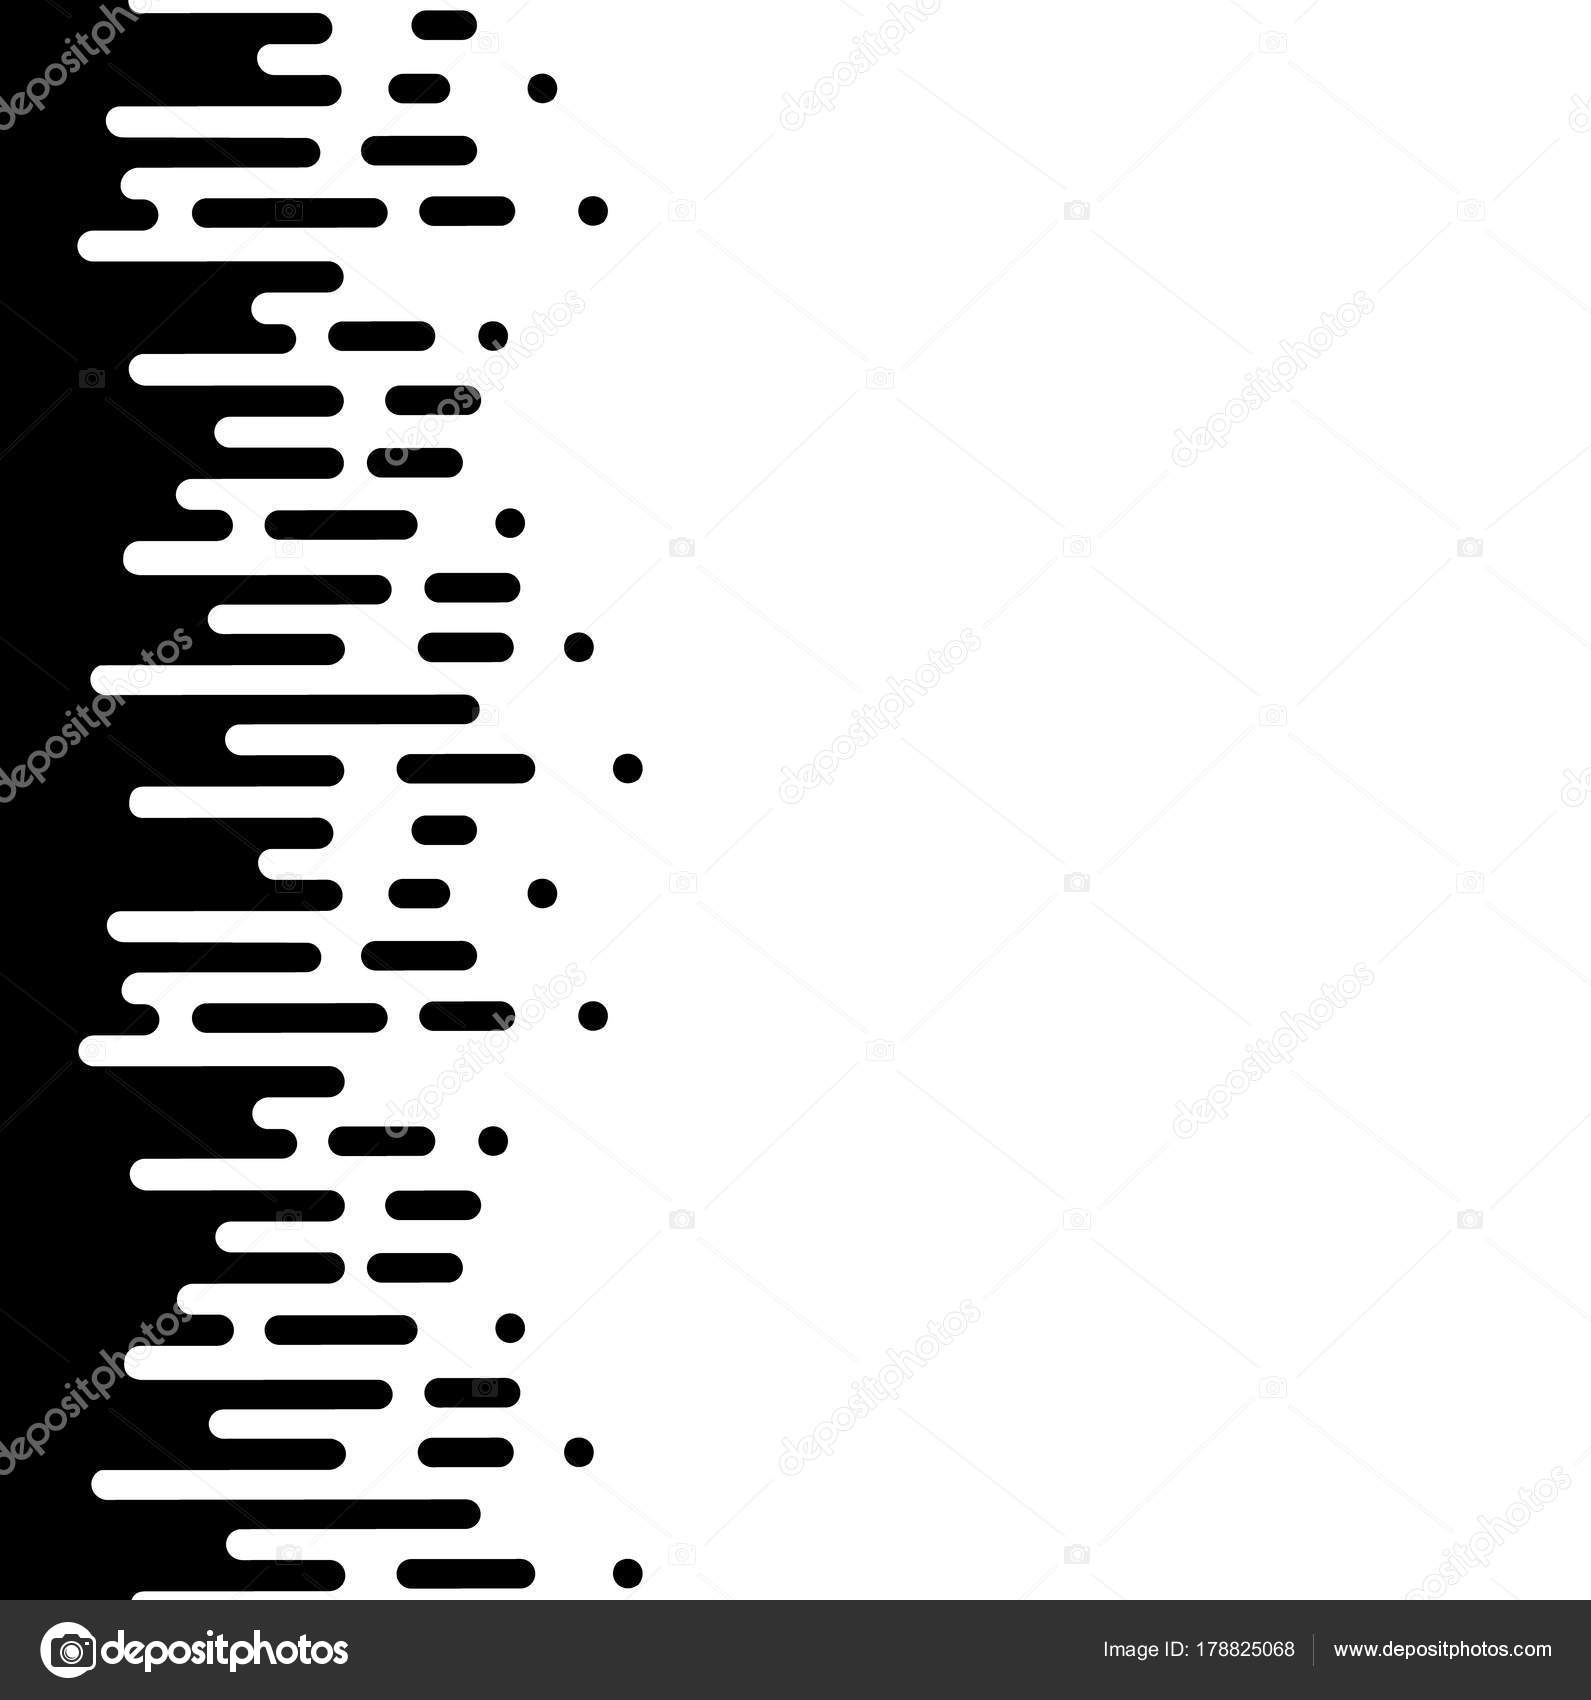 ベクトル ハーフトーンへの移行の抽象的な壁紙パターン シームレスな黒と白の不規則な丸みを帯びた線の背景モダンなフラット Web サイトのデザイン ストックベクター C Kabzon300 Gmail Com